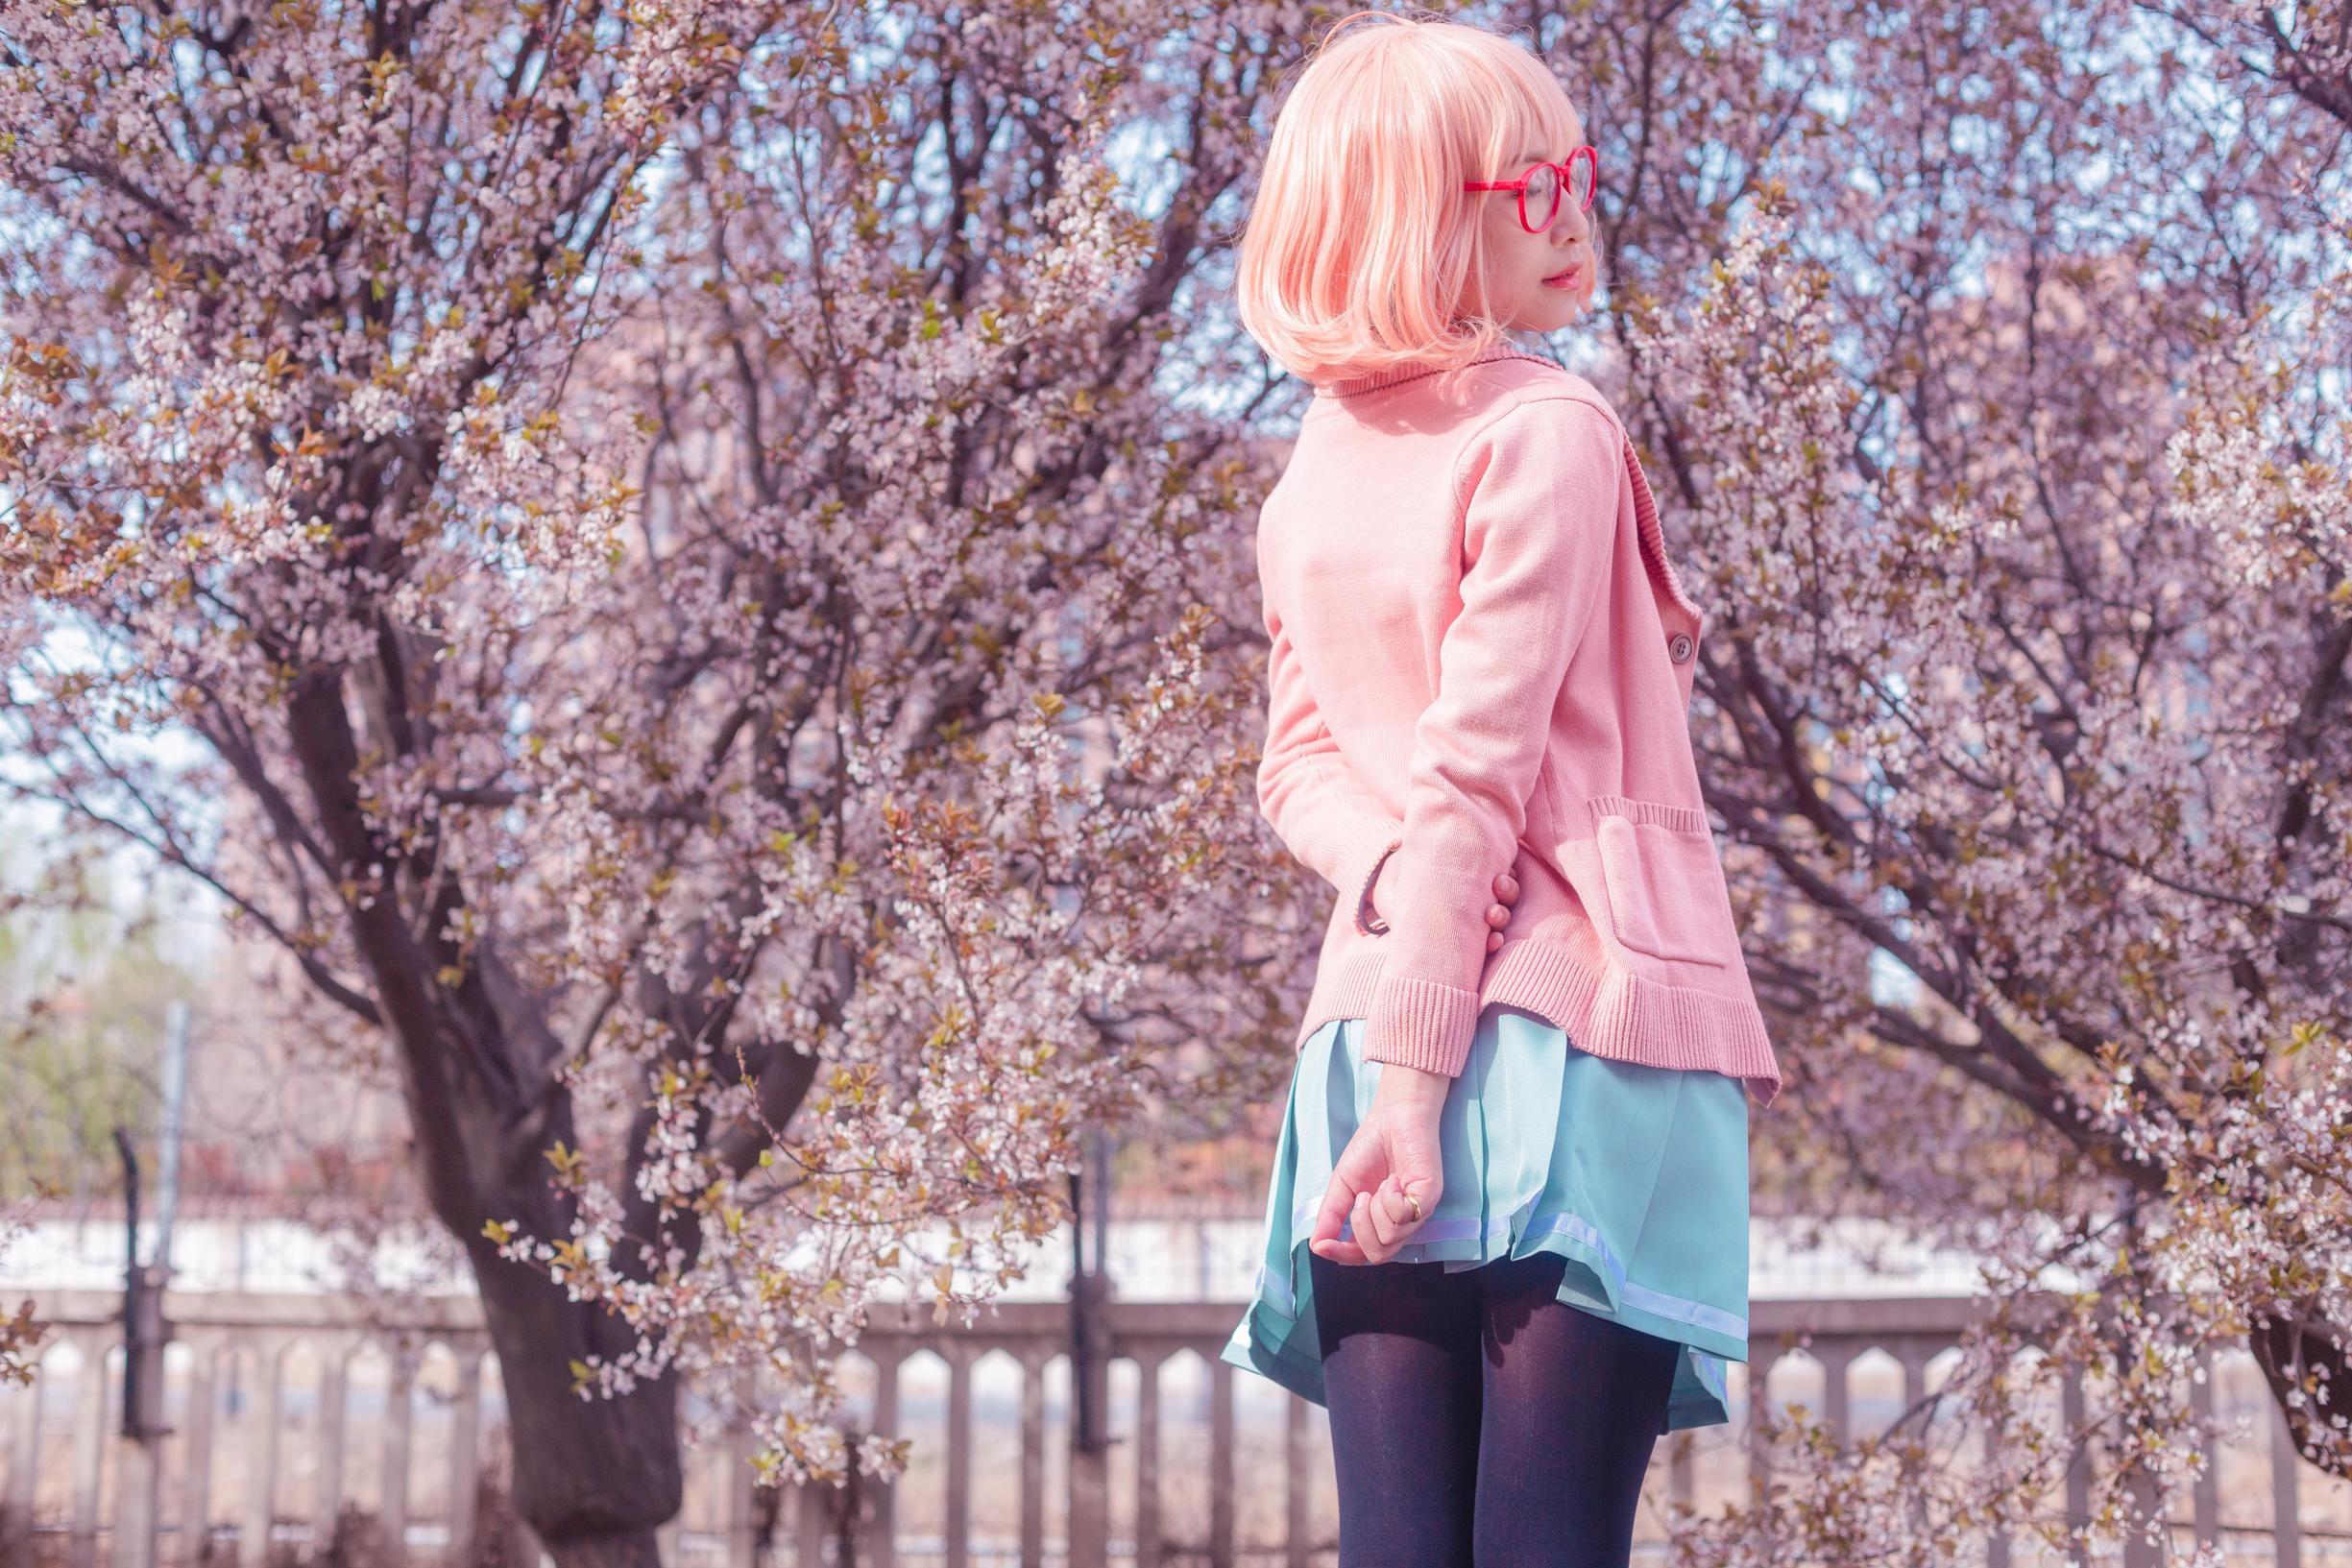 《境界的彼方》正片cosplay【CN:Kanna鹤见】-第3张